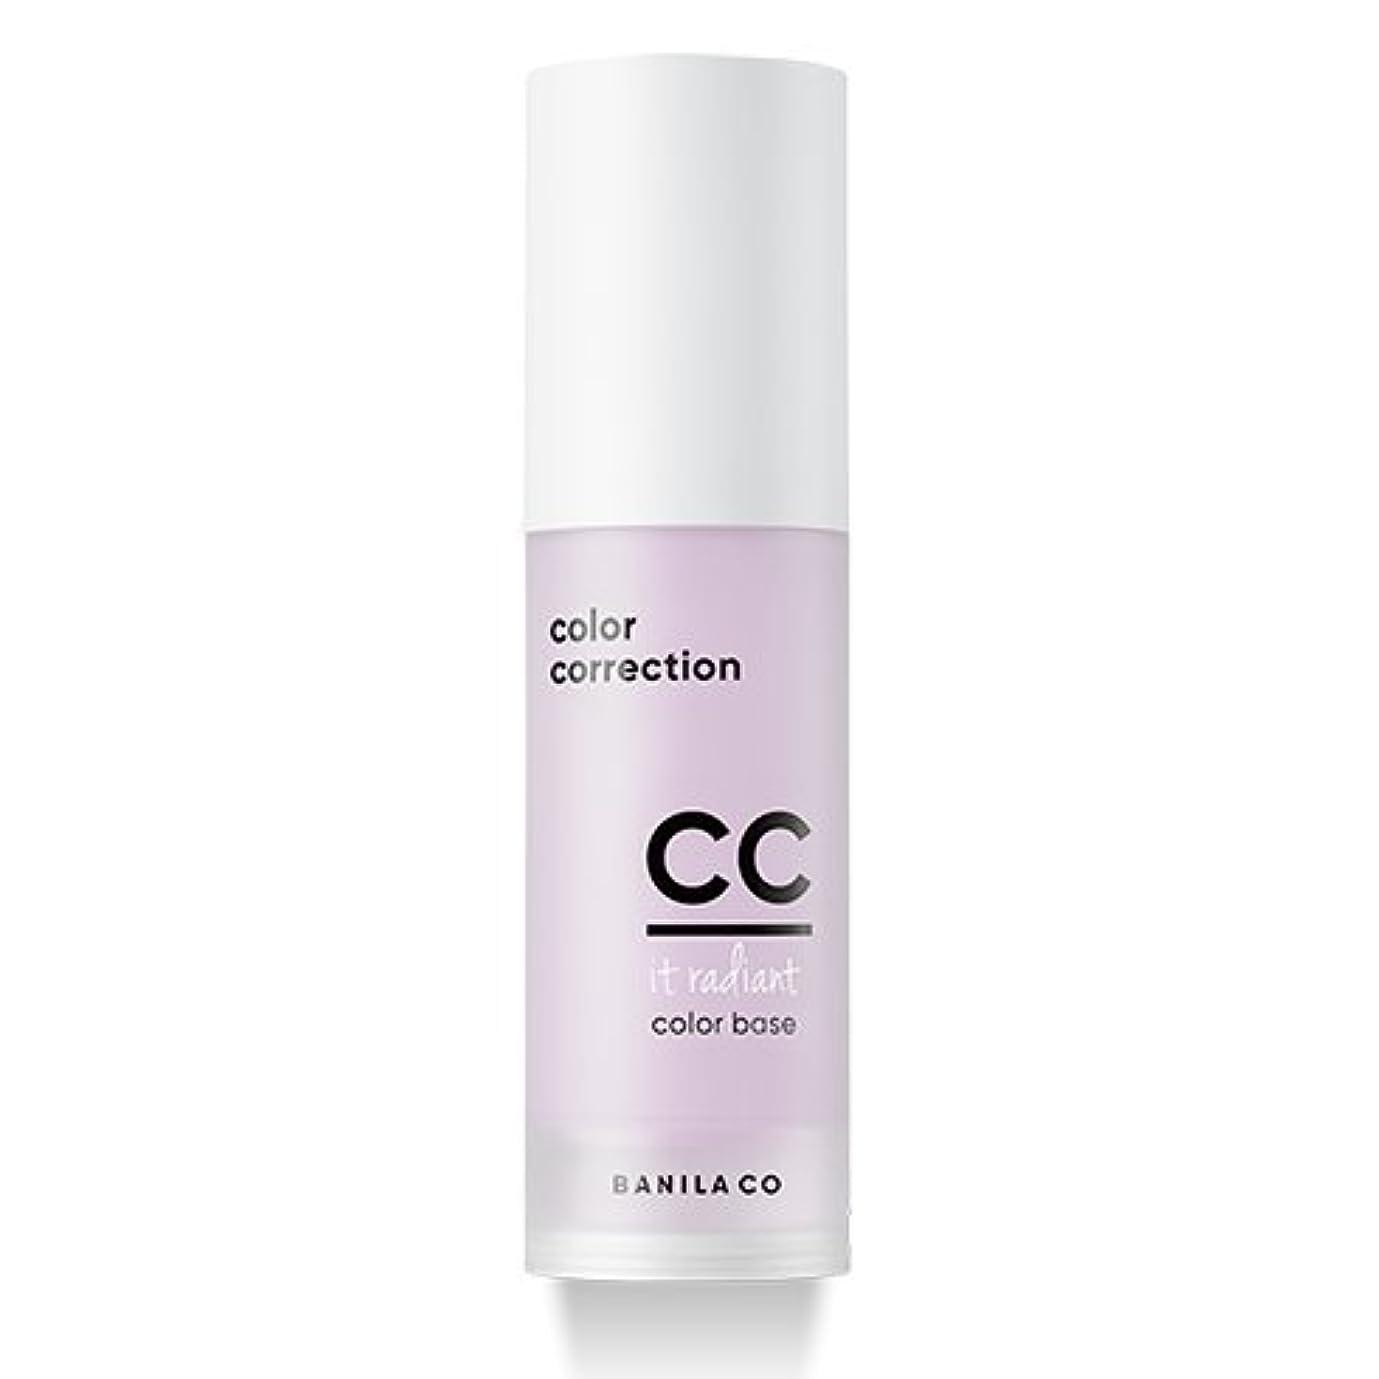 カスタムグレー専門用語BANILA CO It Radiant CC Color Base 30ml/バニラコ イット ラディアント CC カラー ベース 30ml (#Lavender) [並行輸入品]